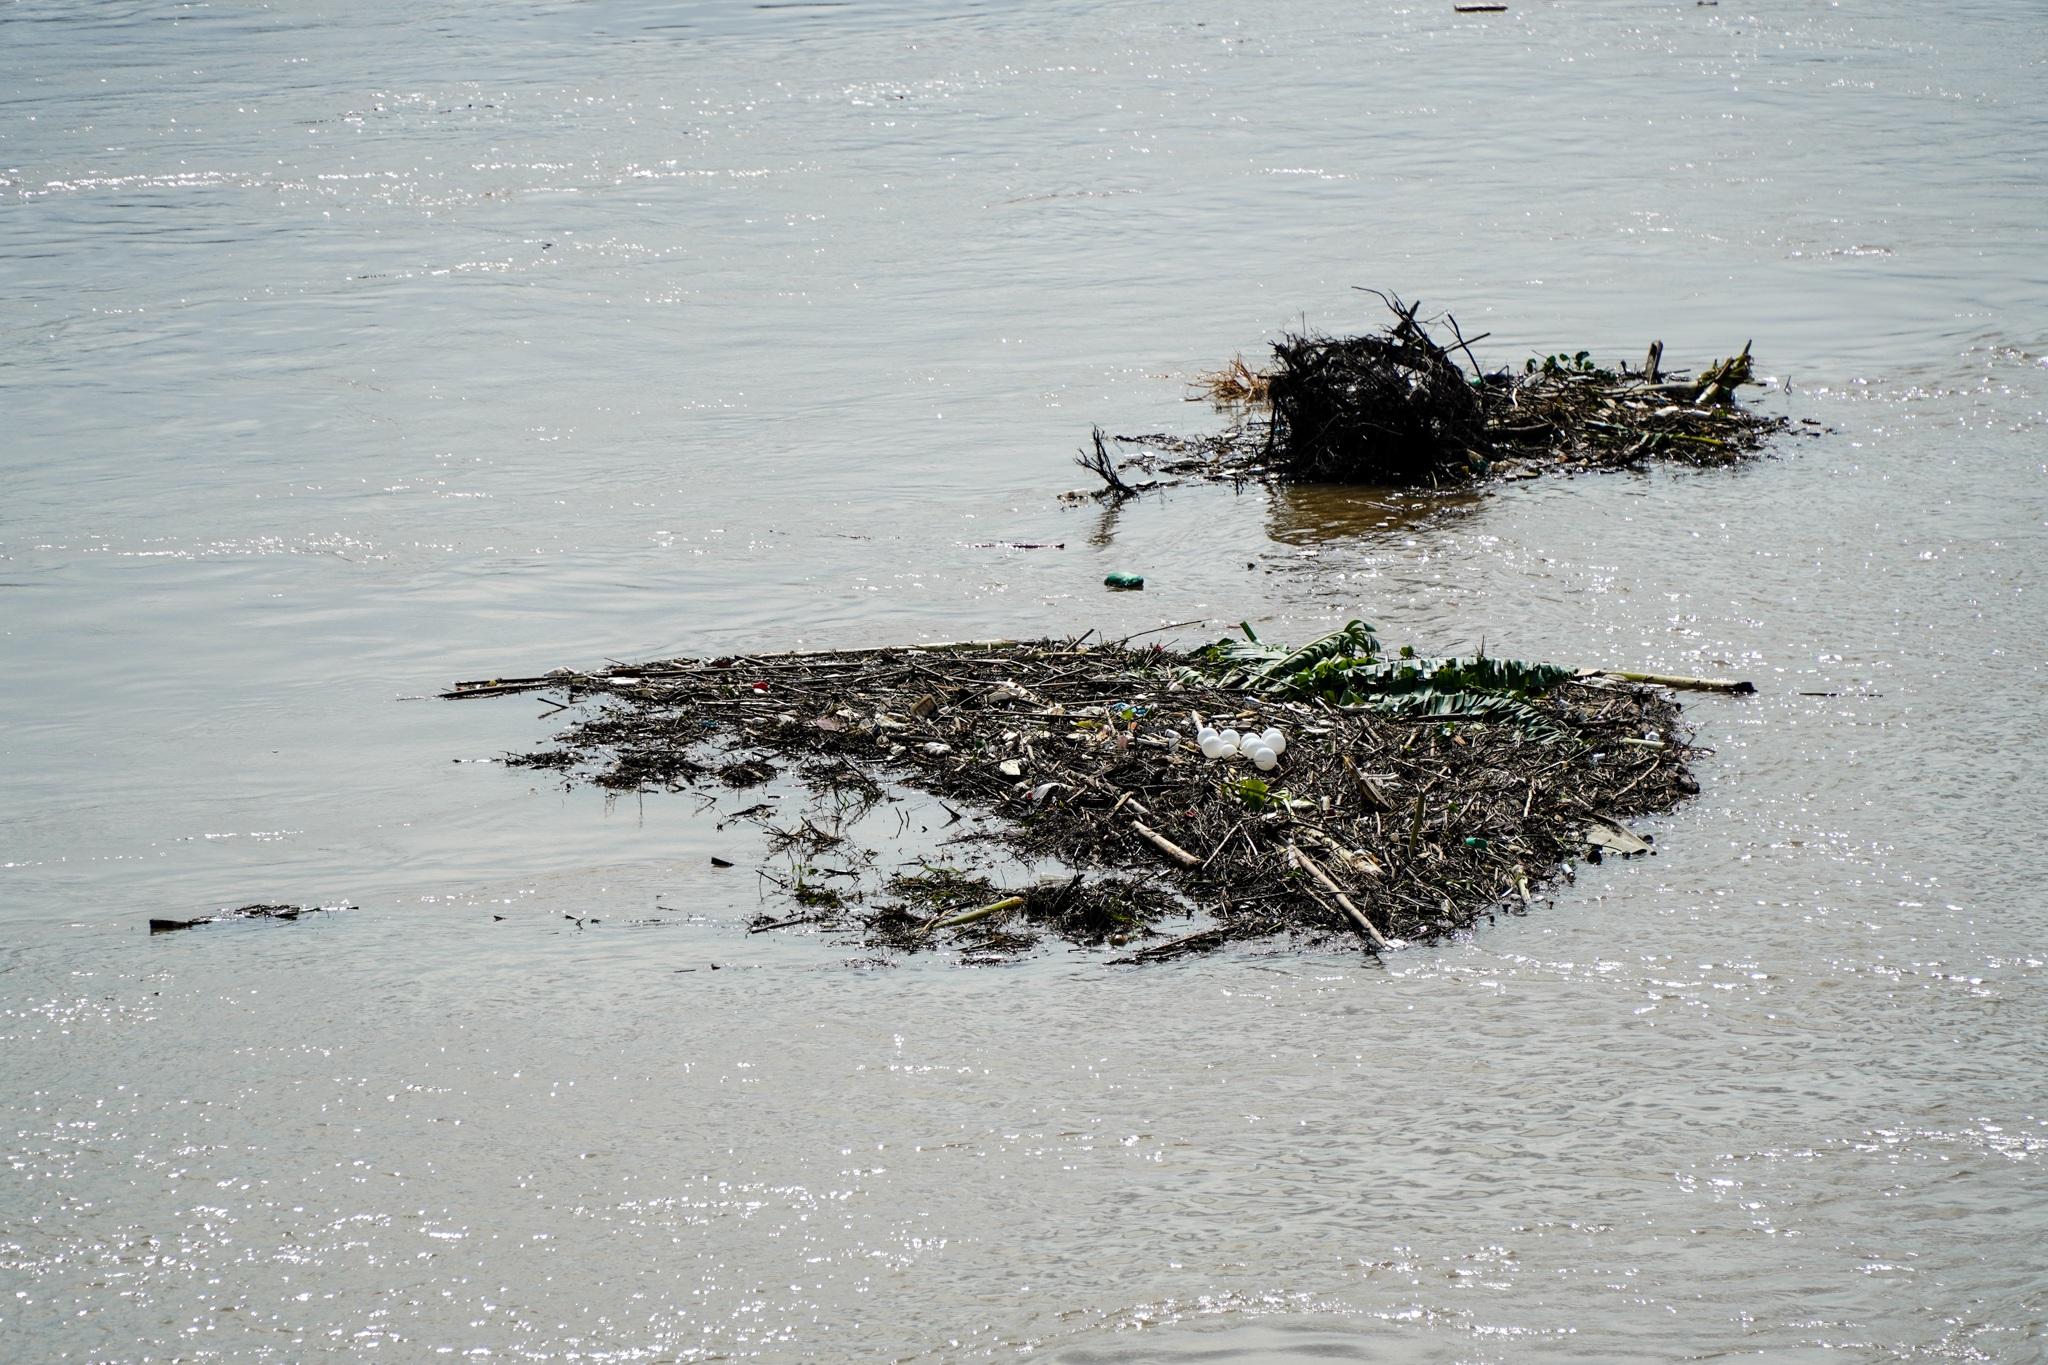 Cảnh hồ thủy điện xả lũ lớn, nước cuộn sóng nhấn chìm bãi giữa sông Hồng - 19